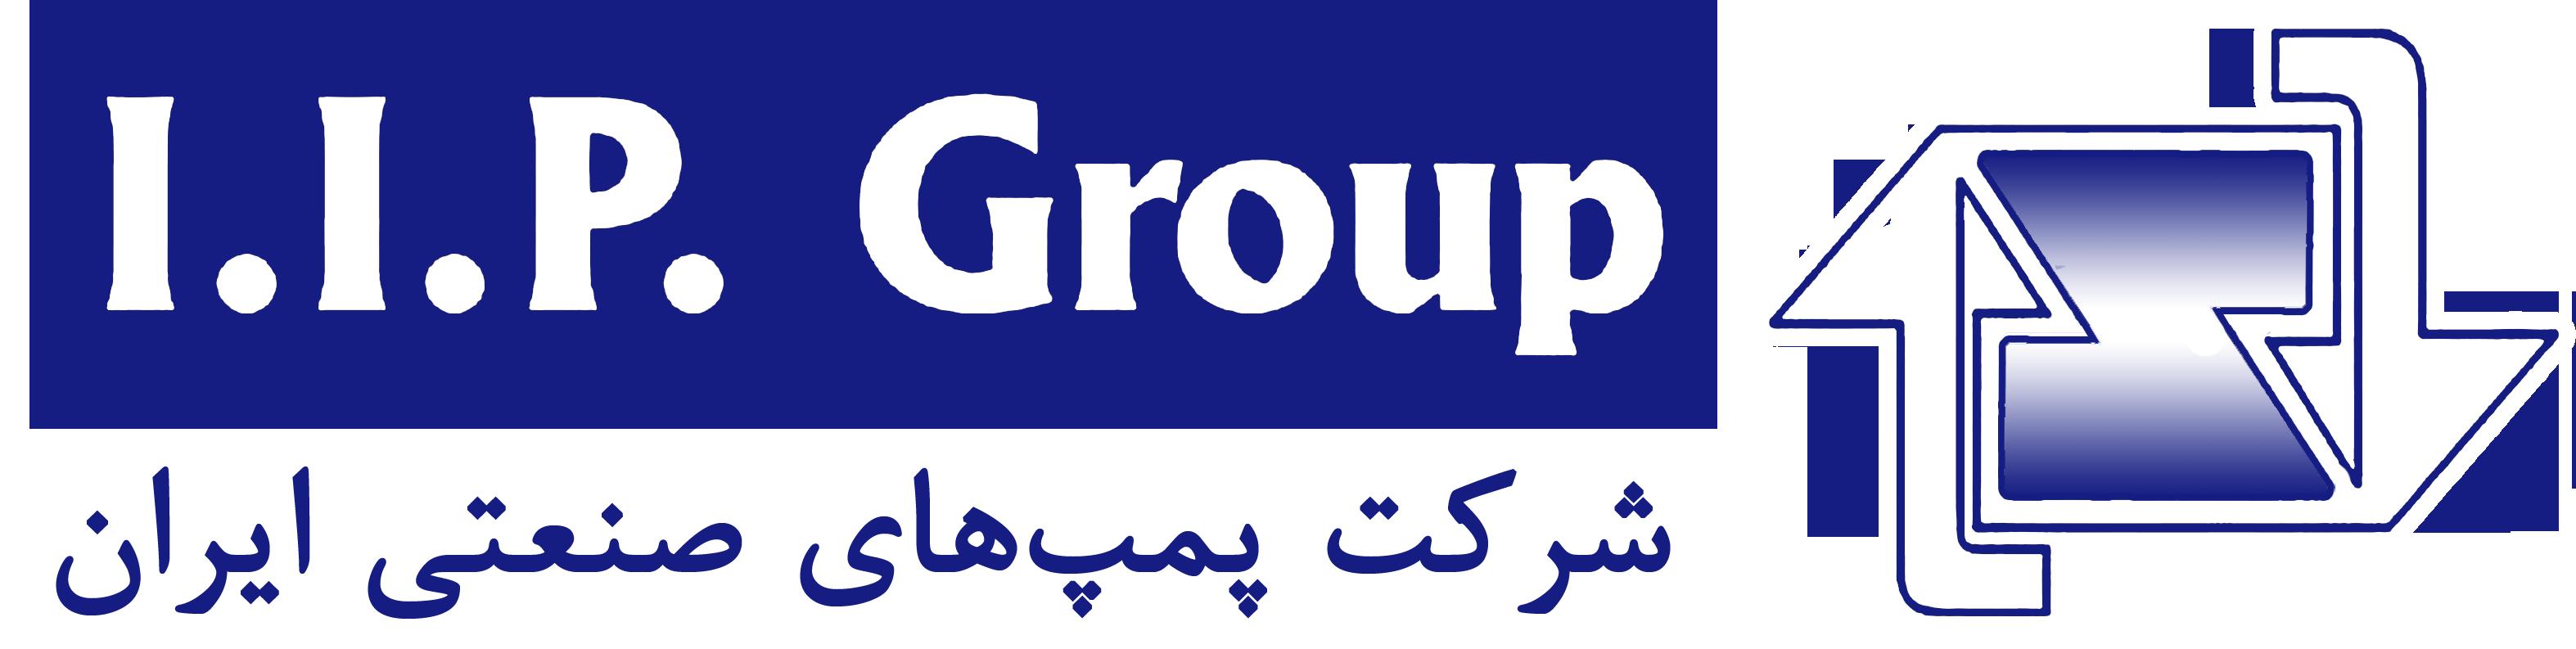 پمپ های صنعتی ایران